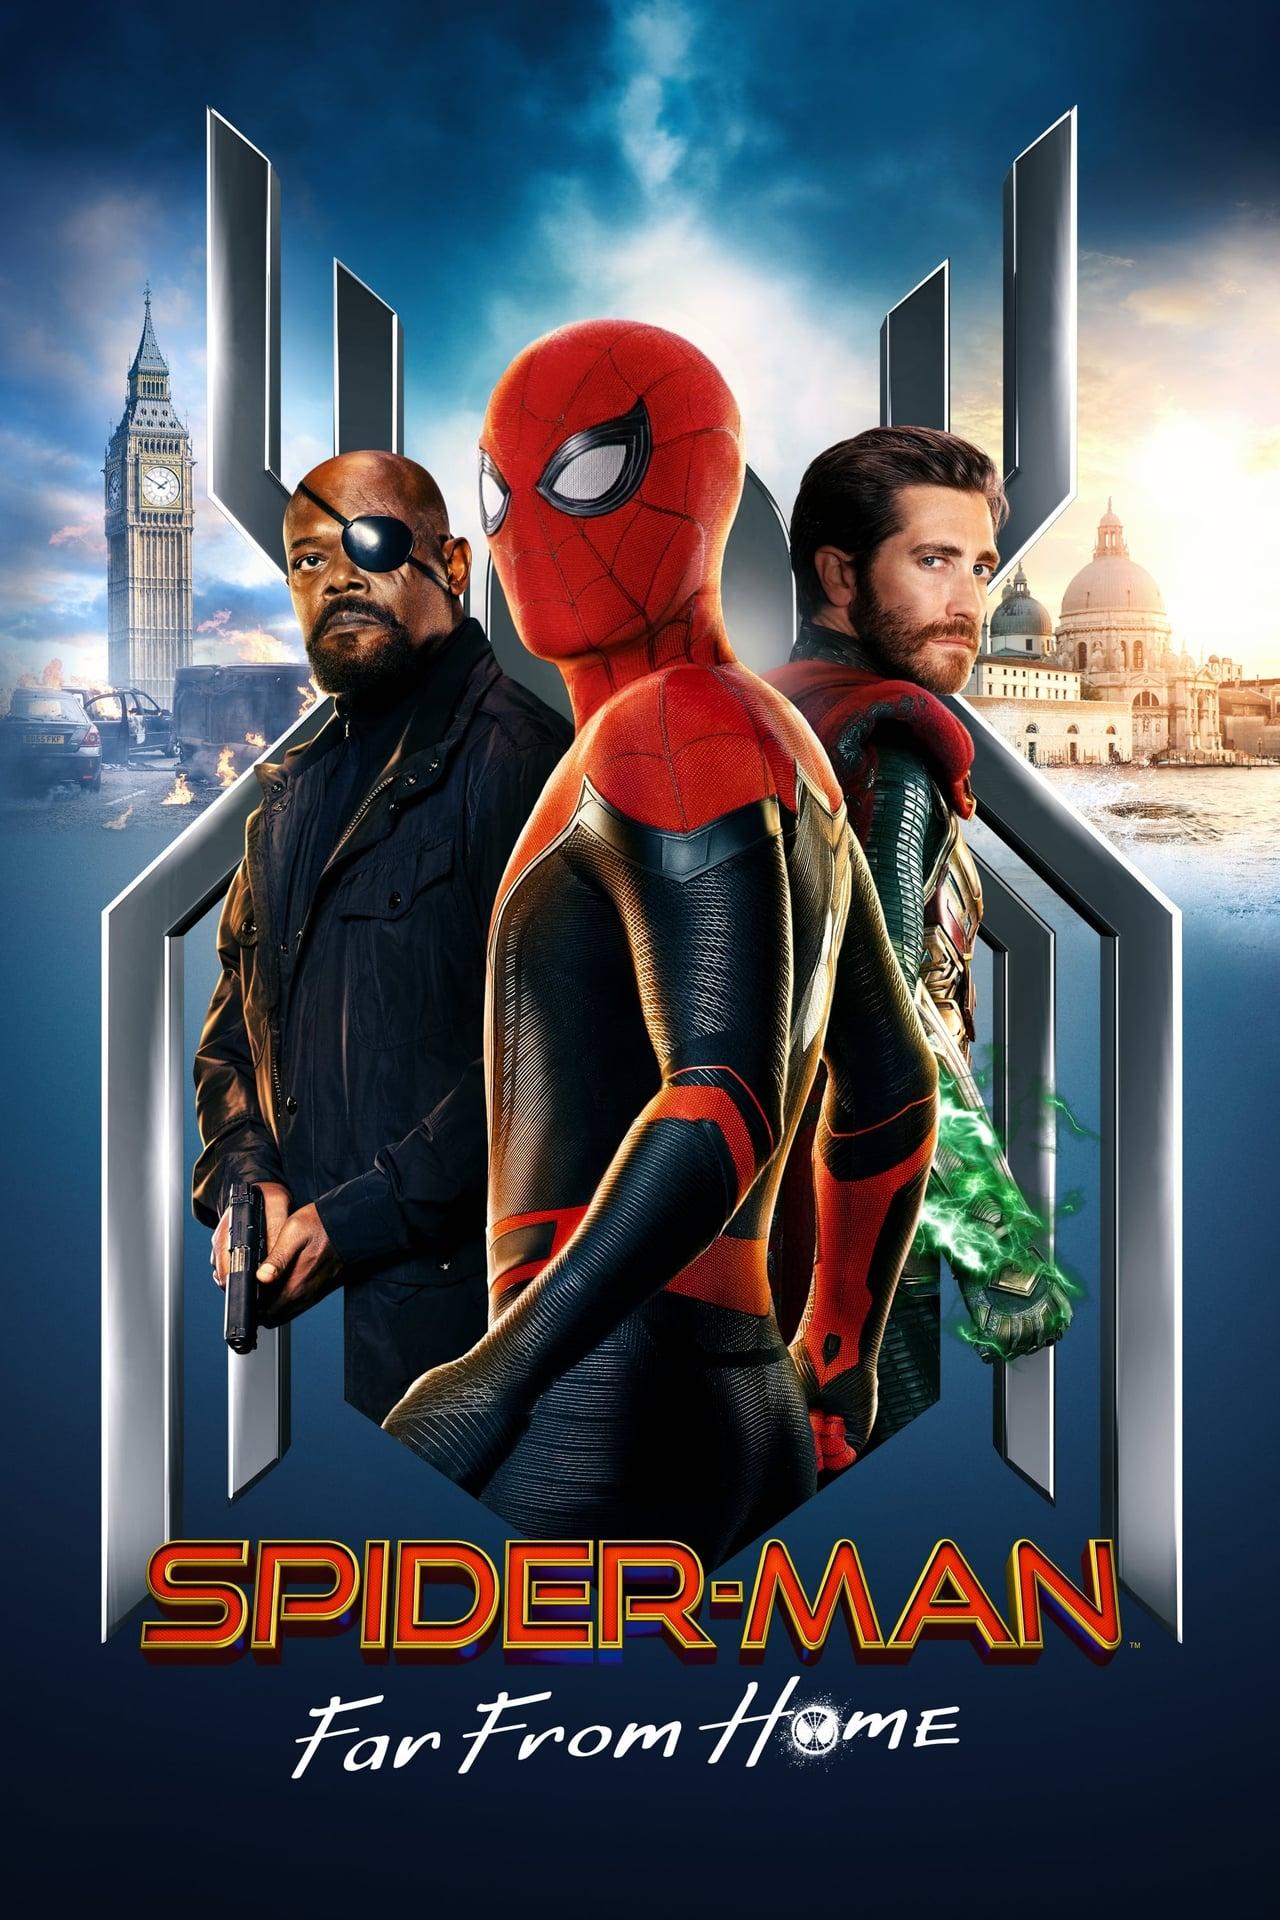 Spider-Man: